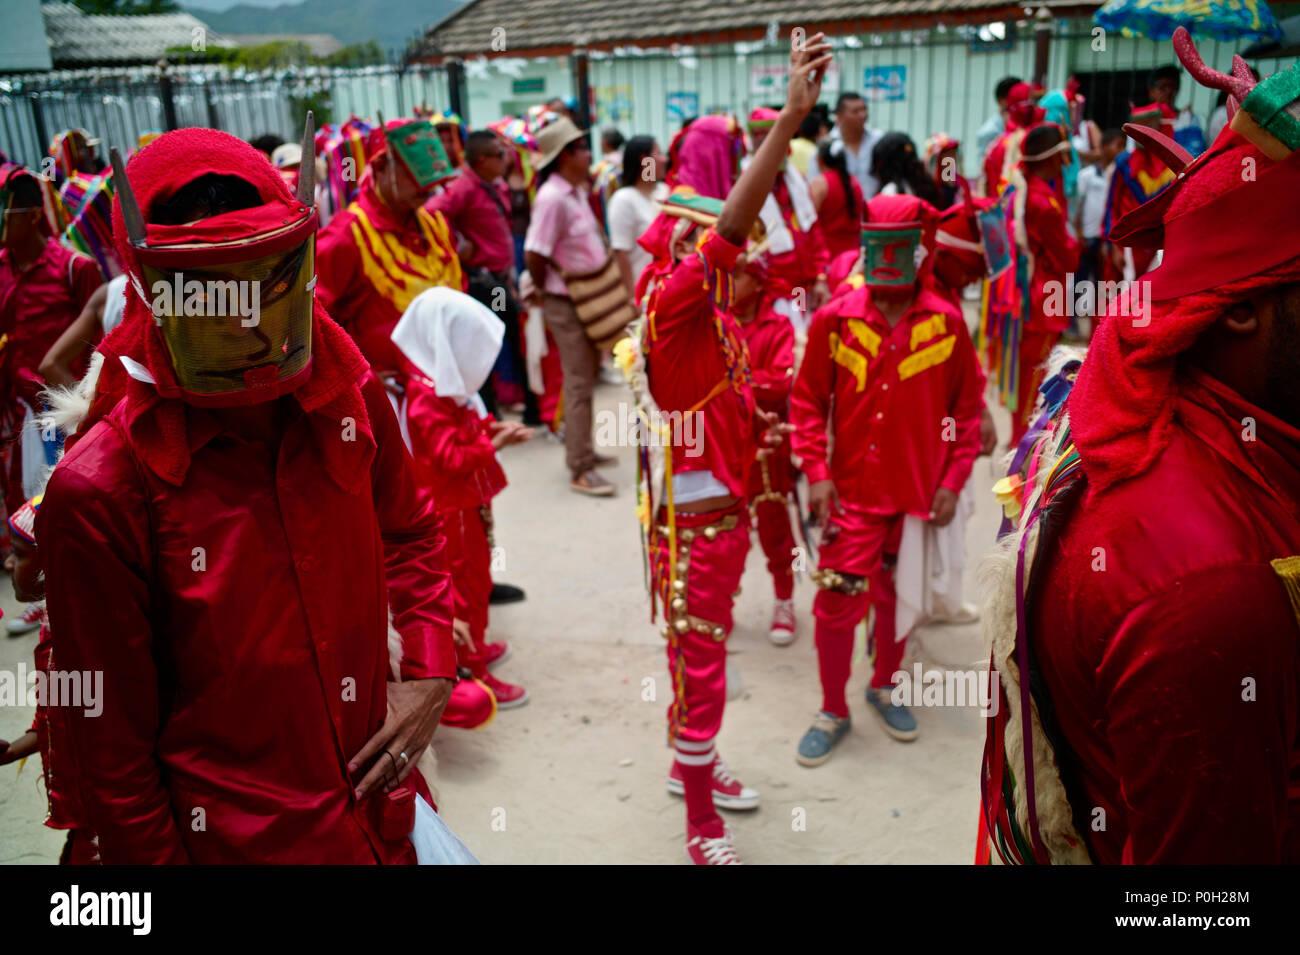 La danza de los diablos y el Corpus Christi, dentro del territorio de los indios Kankuamo, en las estribaciones de los picos nevados de Sierra Nevada. Imagen De Stock